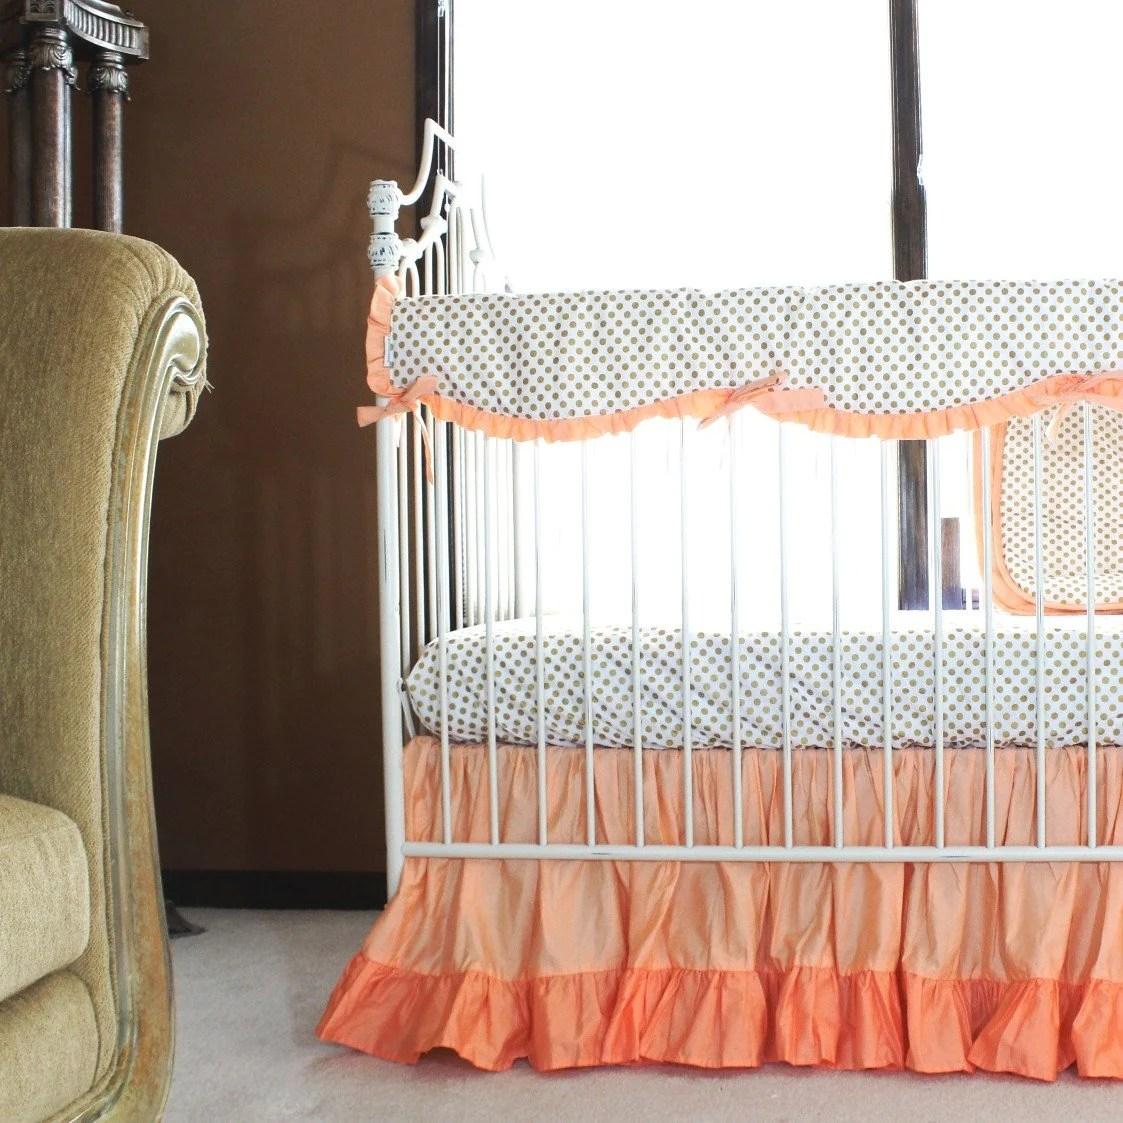 Fullsize Of Daybed Bedding Sets